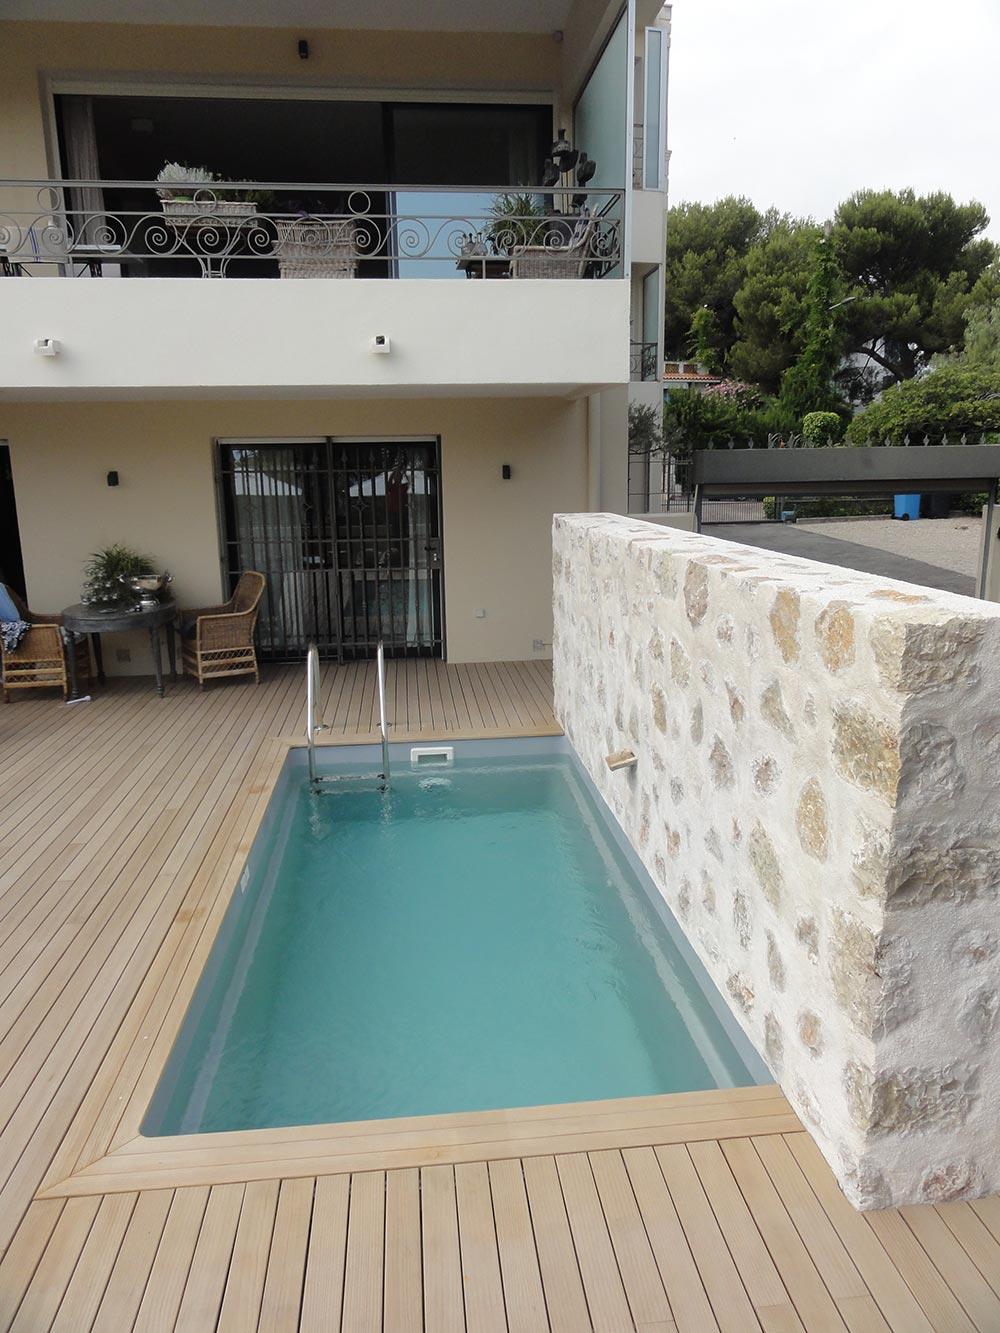 coque piscine st affrique